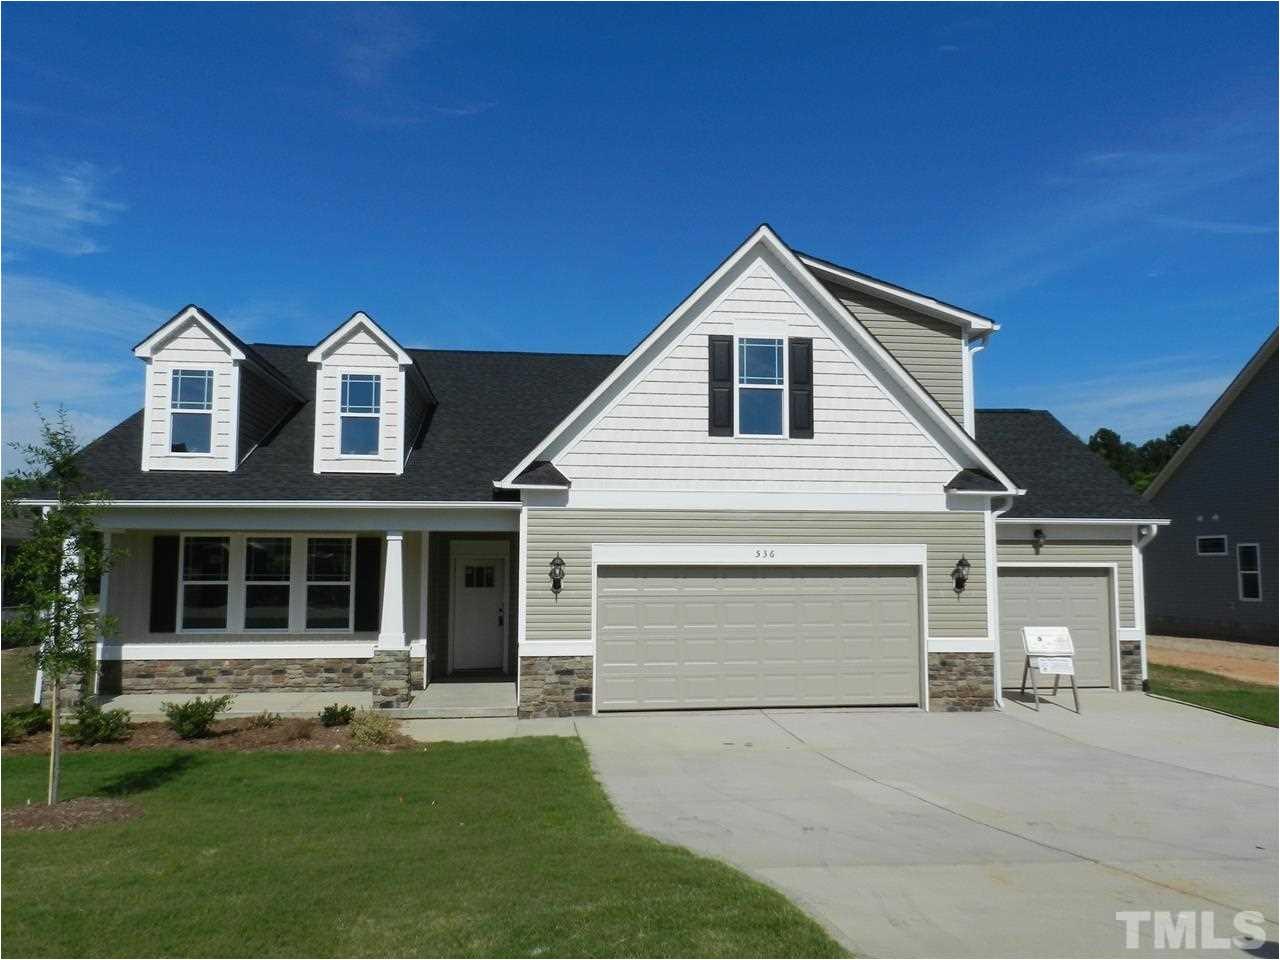 Homes for Sale In Garner Nc 536 St Jiles Drive Garner Nc 27529 Mls 2196280